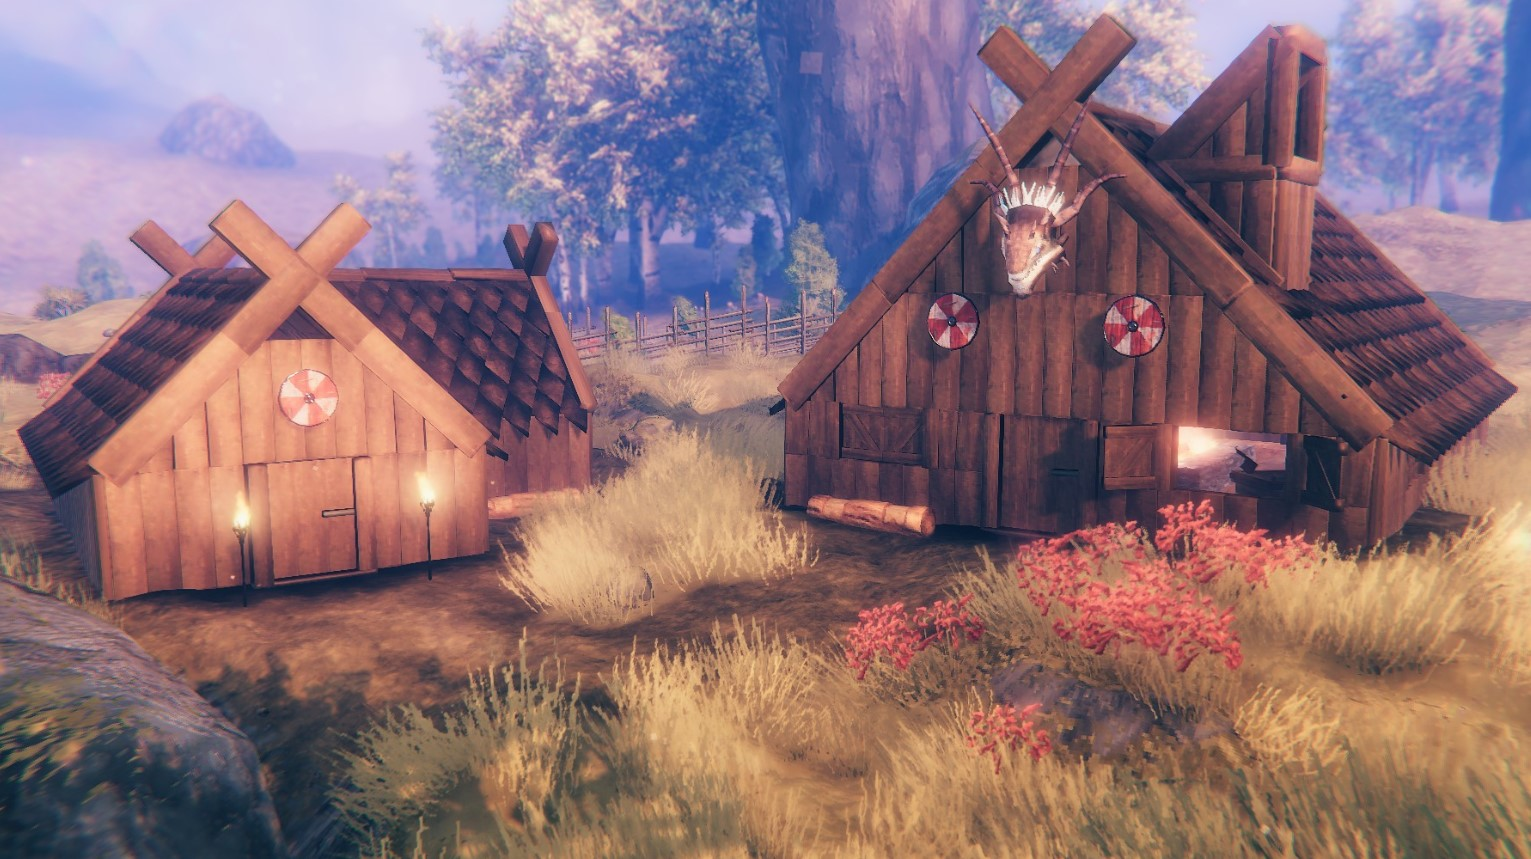 Первые скриншоты обновления «Очаг и дом» и новая дорожная карта — все об изменениях в Valheim